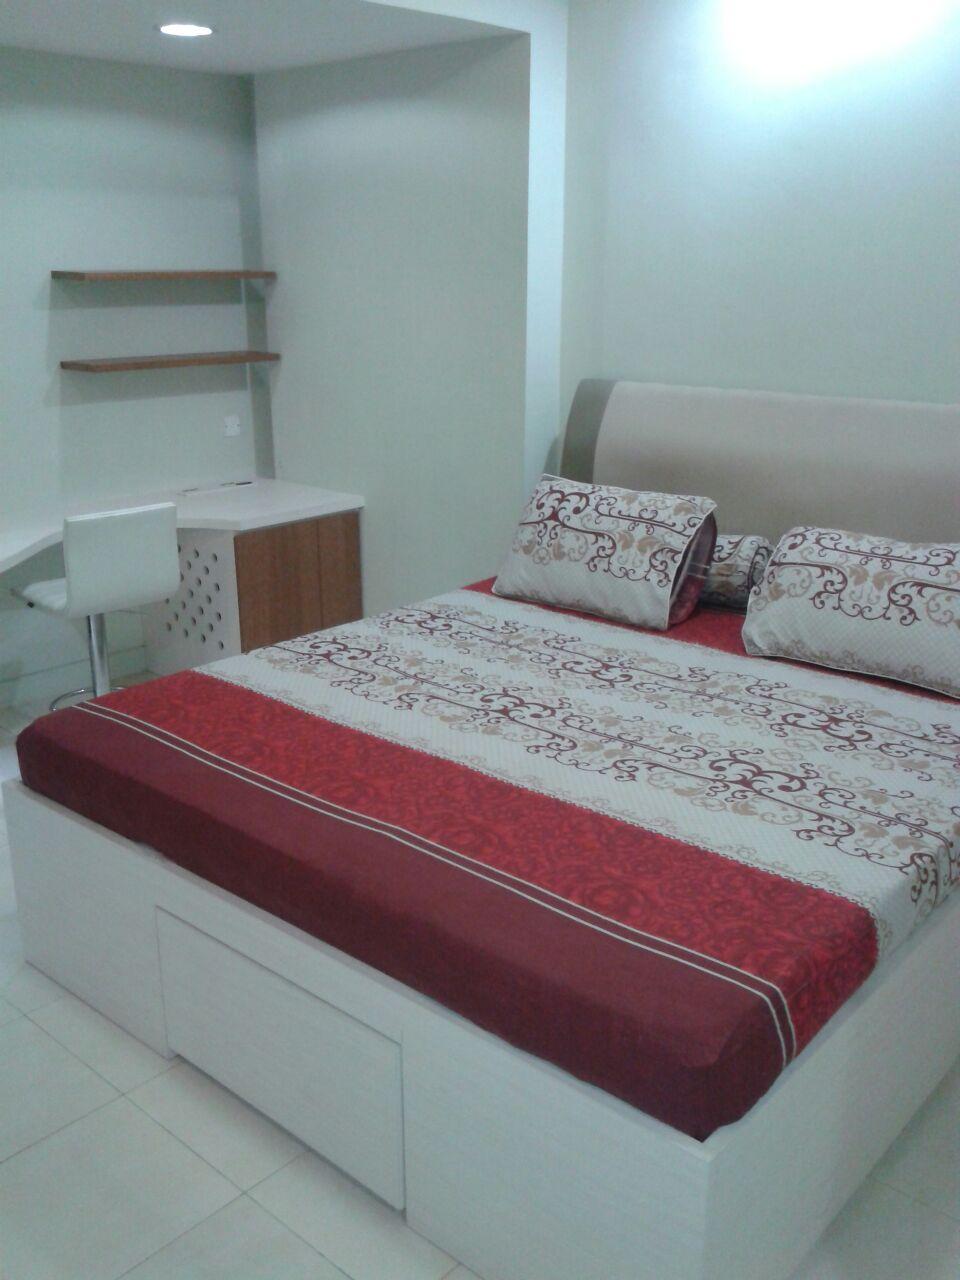 Tamsud B1916 Bedroom - Apartemen Tamansari Sudirman